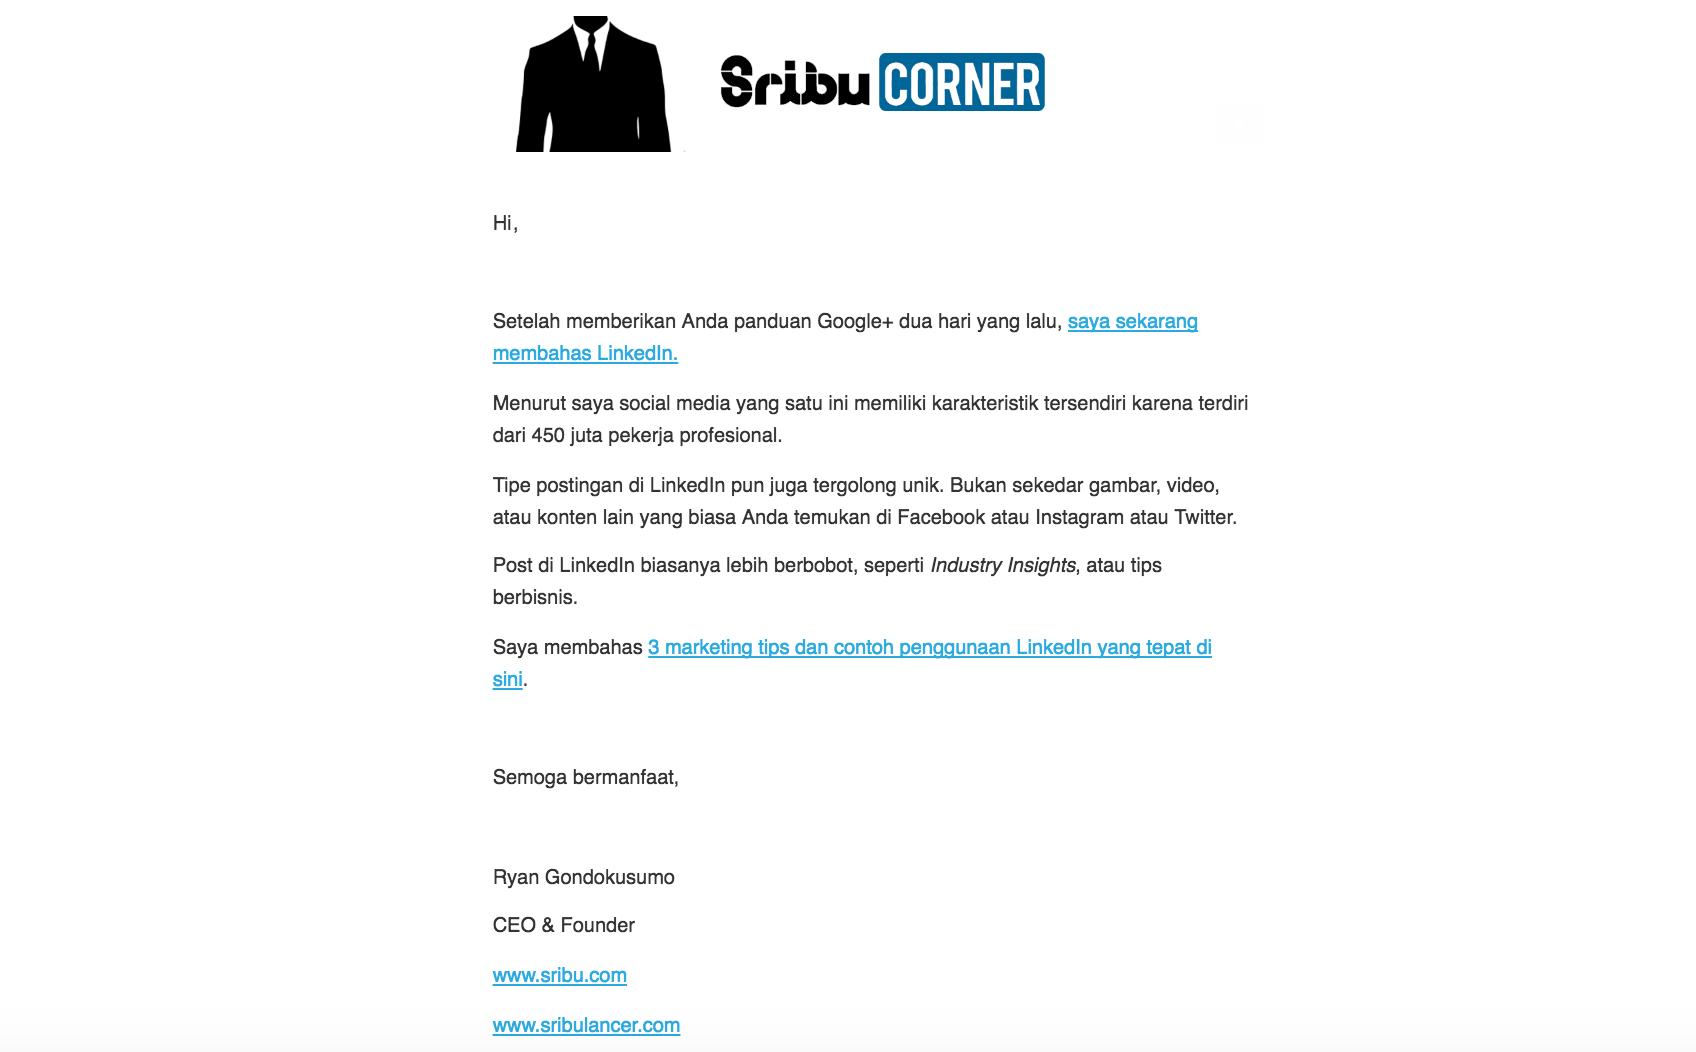 SribuCORNER weekly email